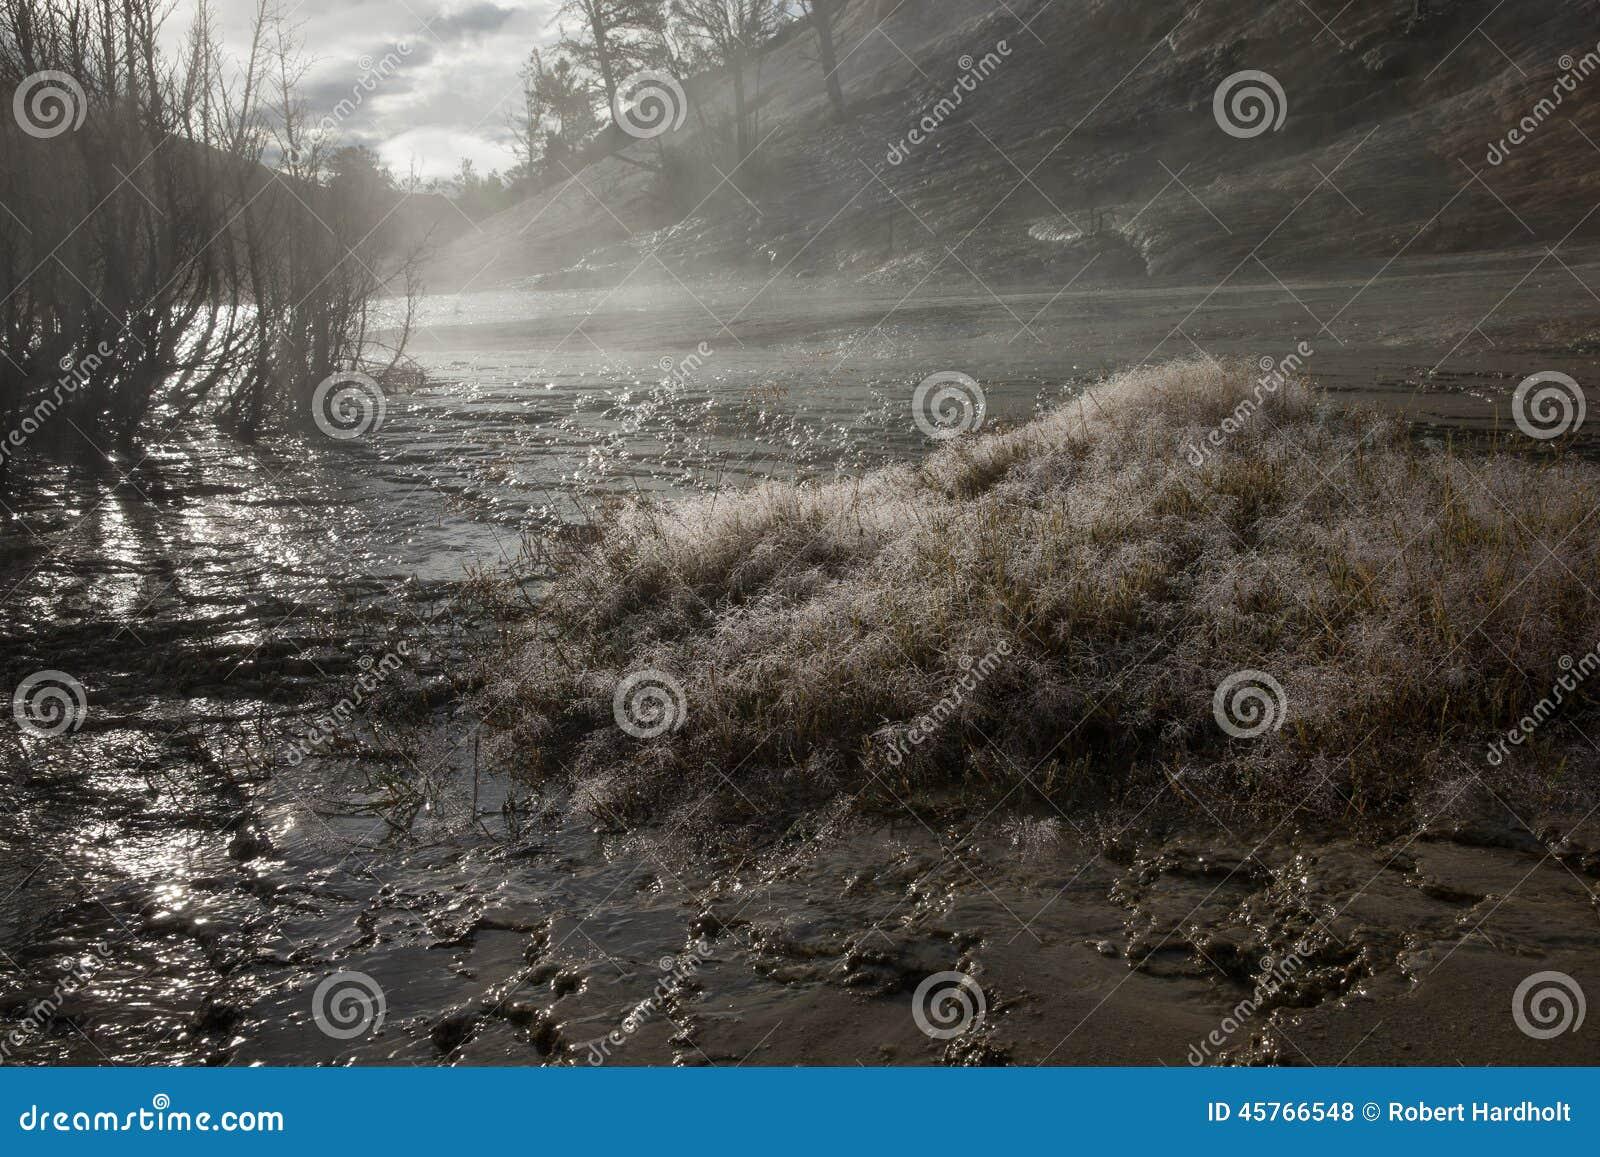 στενό τέλειο επάνω ύδωρ πρωινού φύλλων χλόης σταγονίδιων δροσιάς